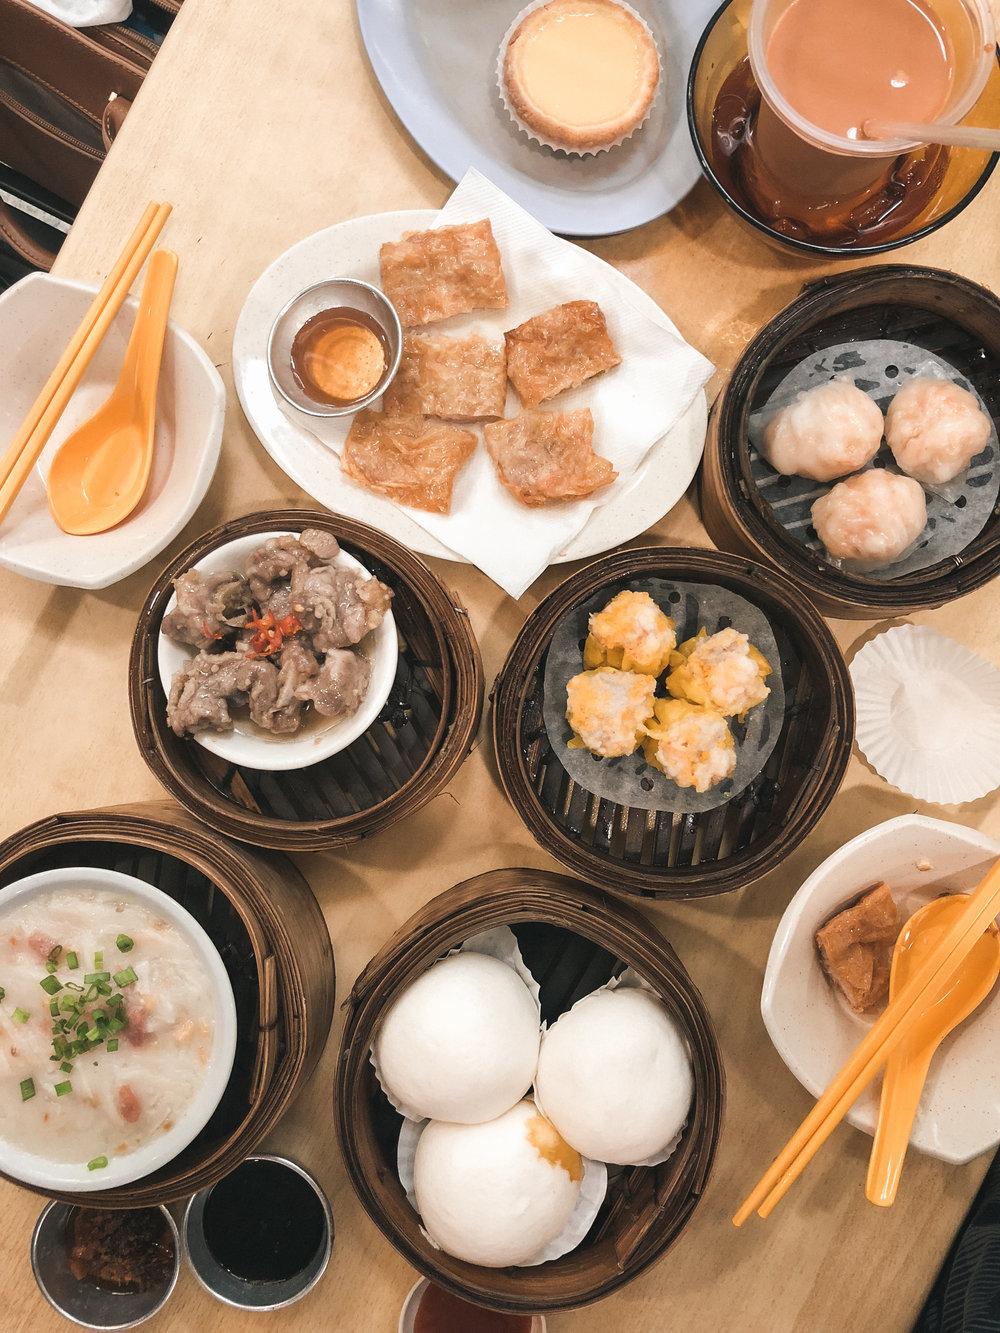 一个完美周末的开始,首先要先填饱肚子。 The start to a perfect weekend is a perfect meal.